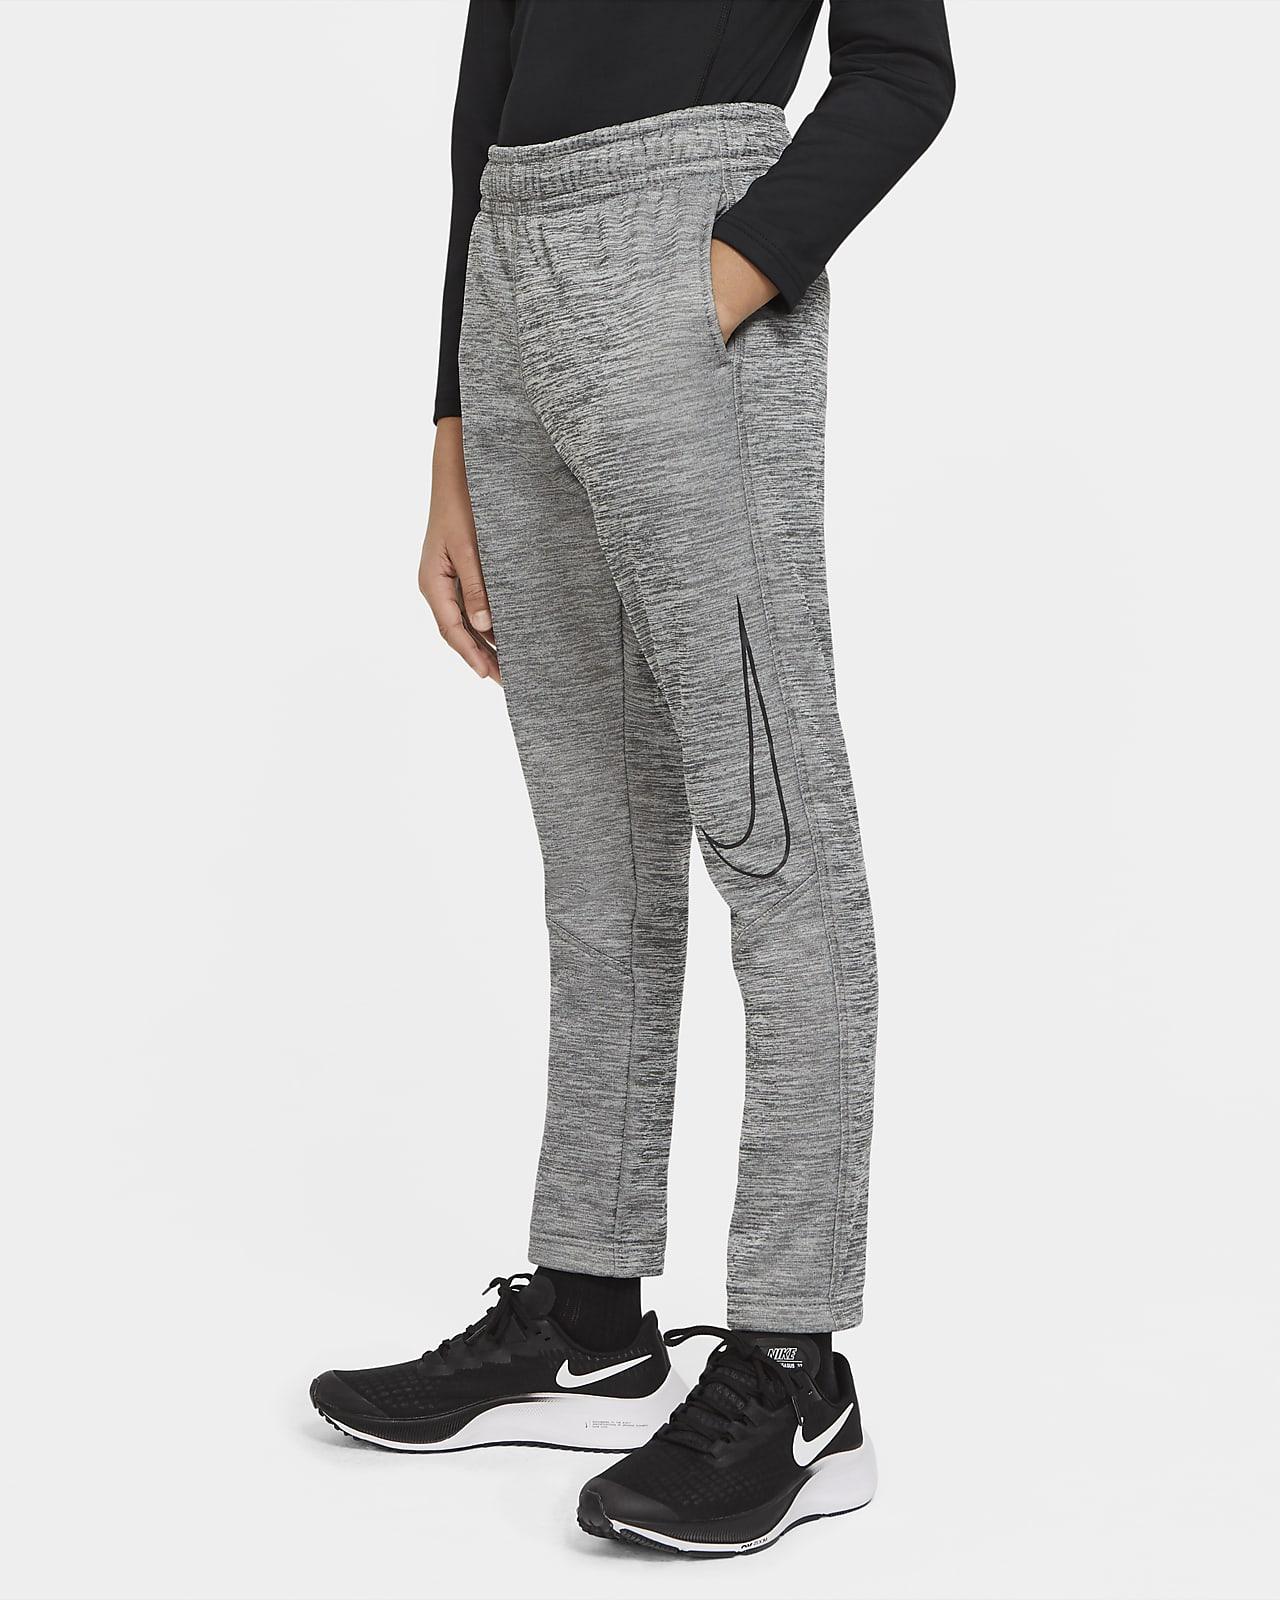 Pantalones de entrenamiento entallados con estampado para niño talla grande Nike Therma